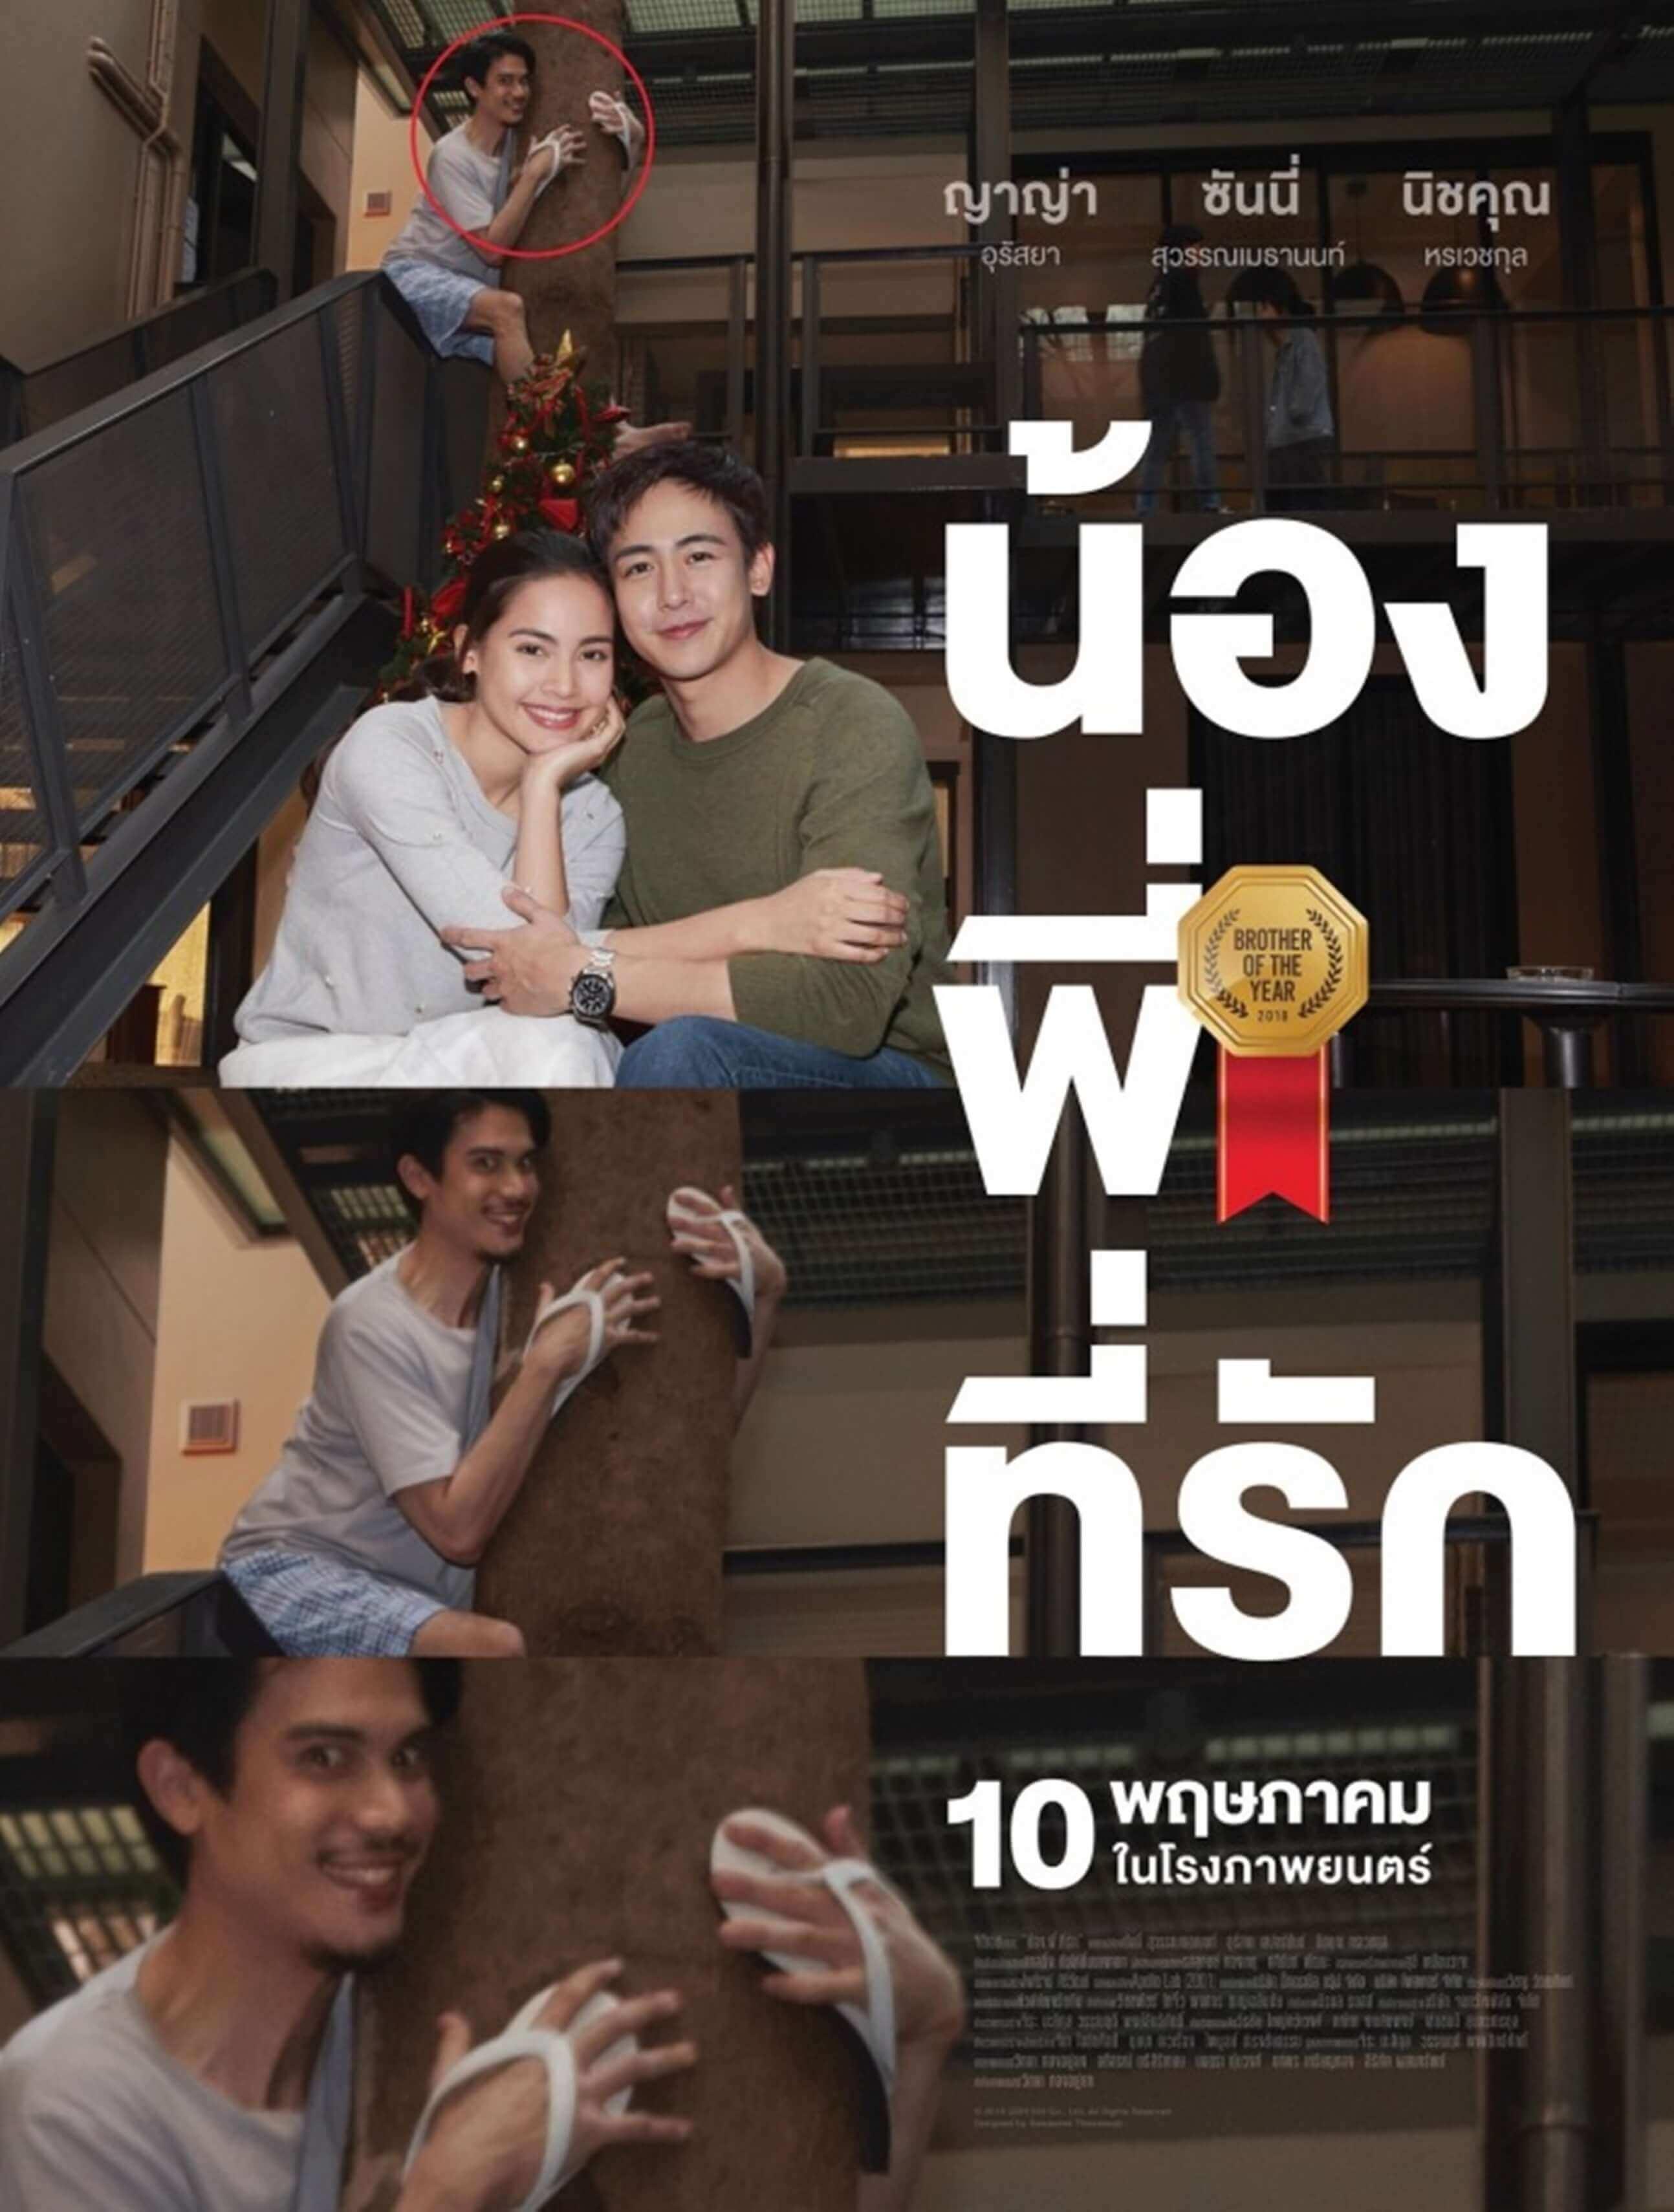 泰國片 模犯生 班底新作 把哥哥退貨可以嗎 海報1 桑尼蘇莞門坦諾 飾演哥哥